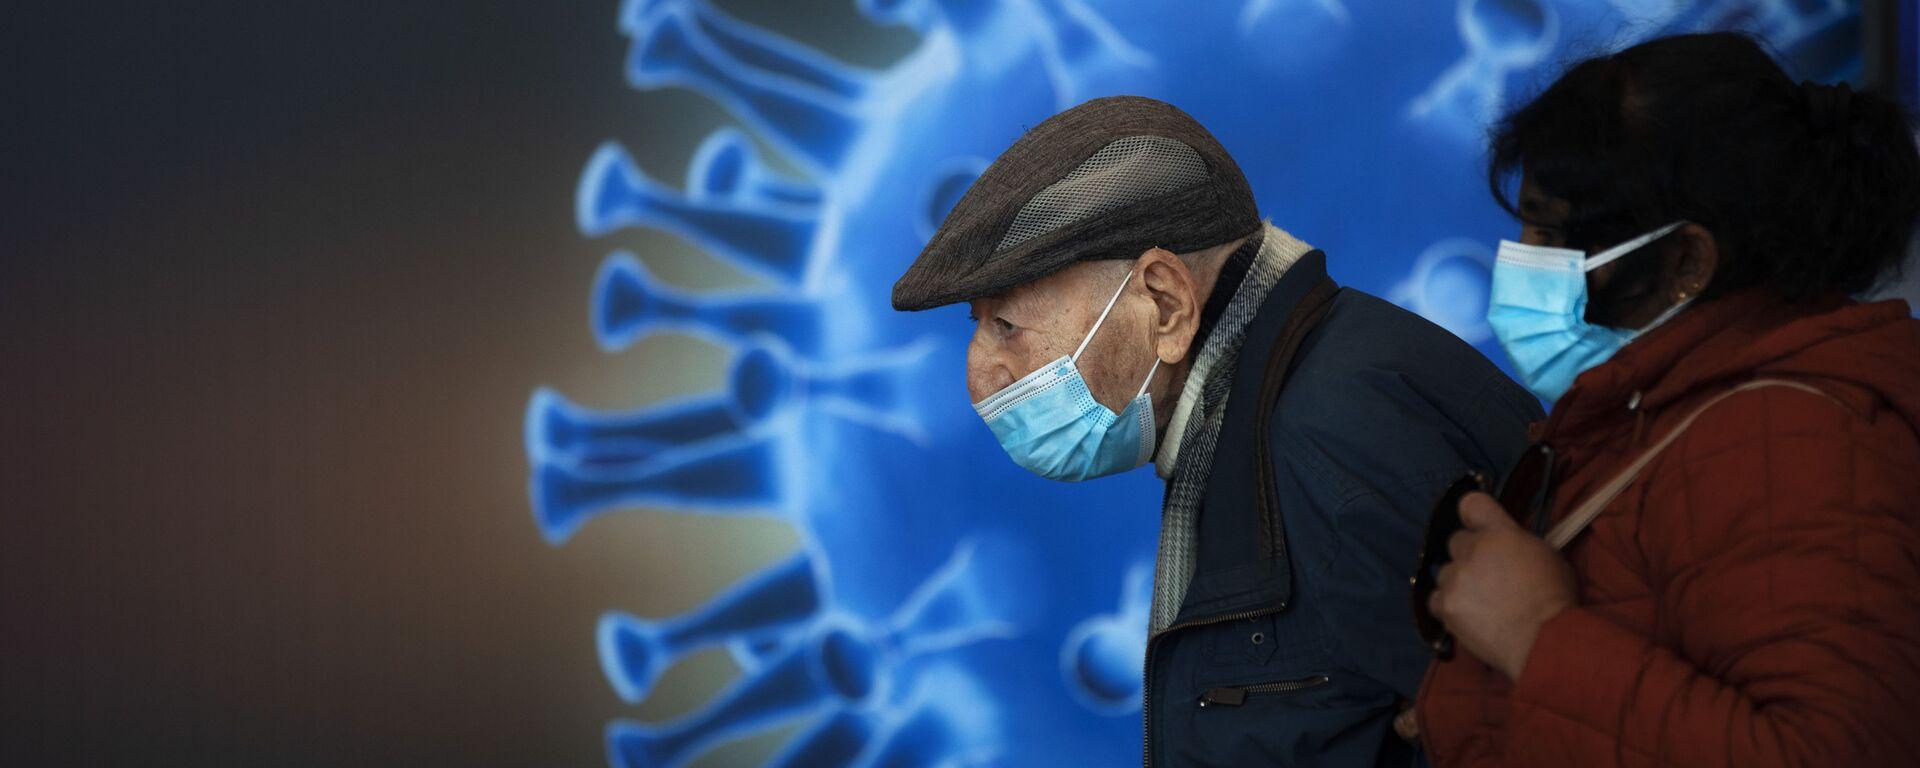 Ludzie w maskach czekają na szczepionkę w centrum szczepień COVID-19 w Jerozolimie - Sputnik Polska, 1920, 06.04.2021